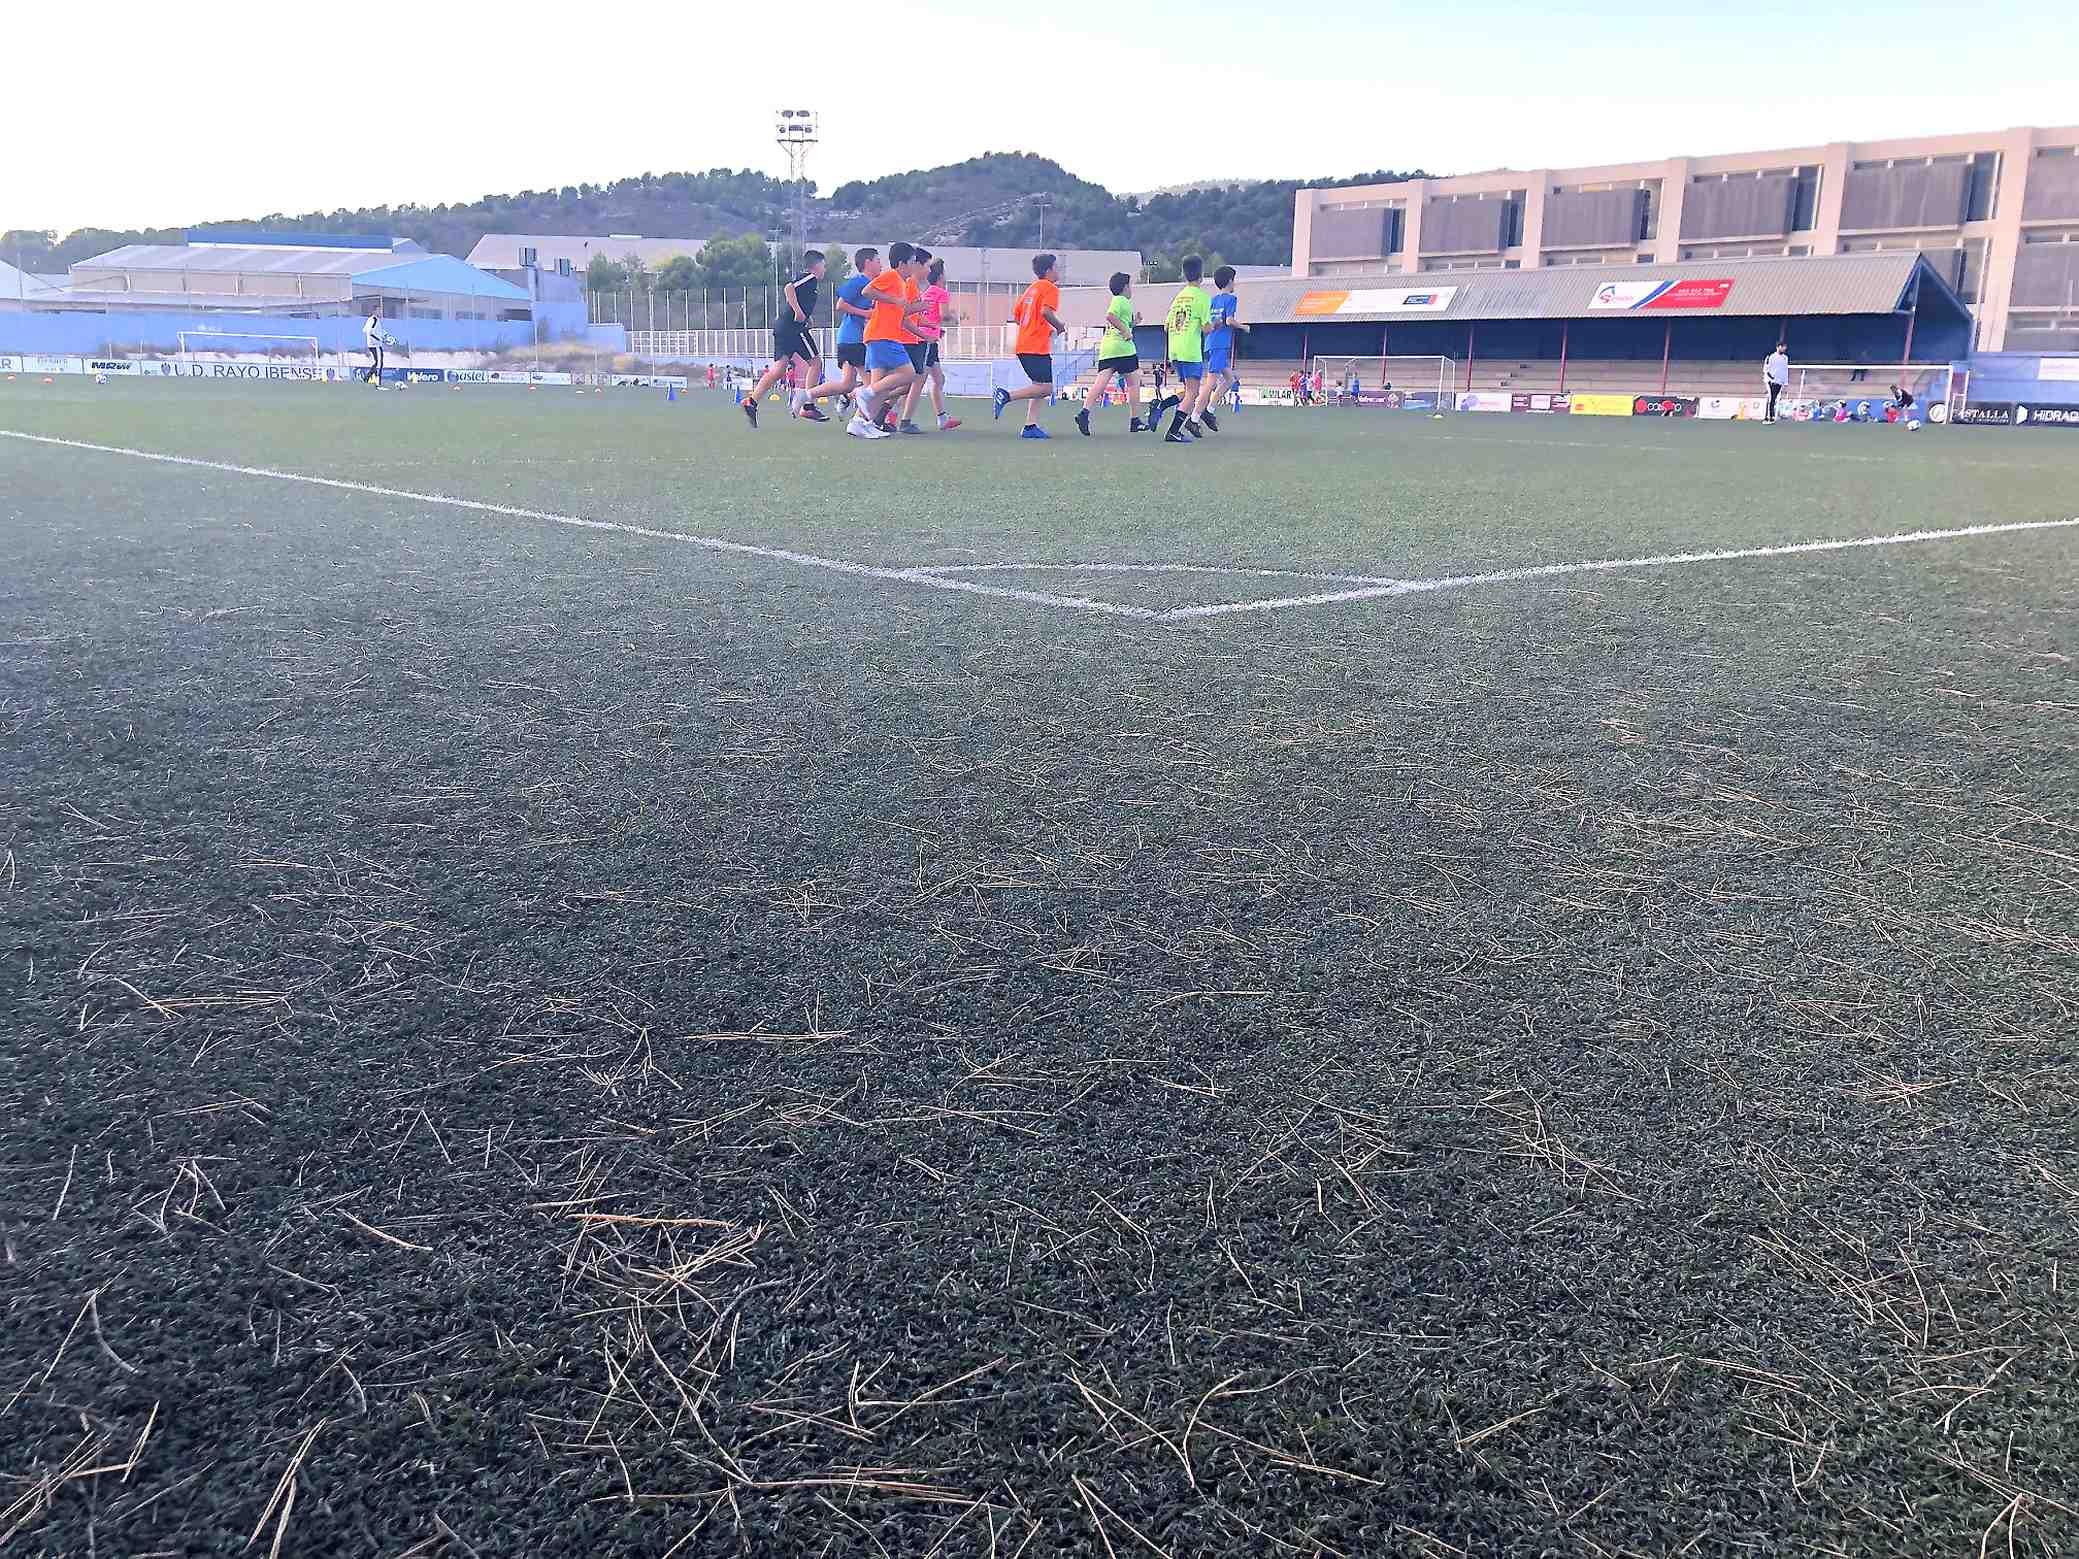 L'Ajuntament d'Ibi anuncia per a este mes el canvi de la gespa artificial de l'Estadi Vilaplana